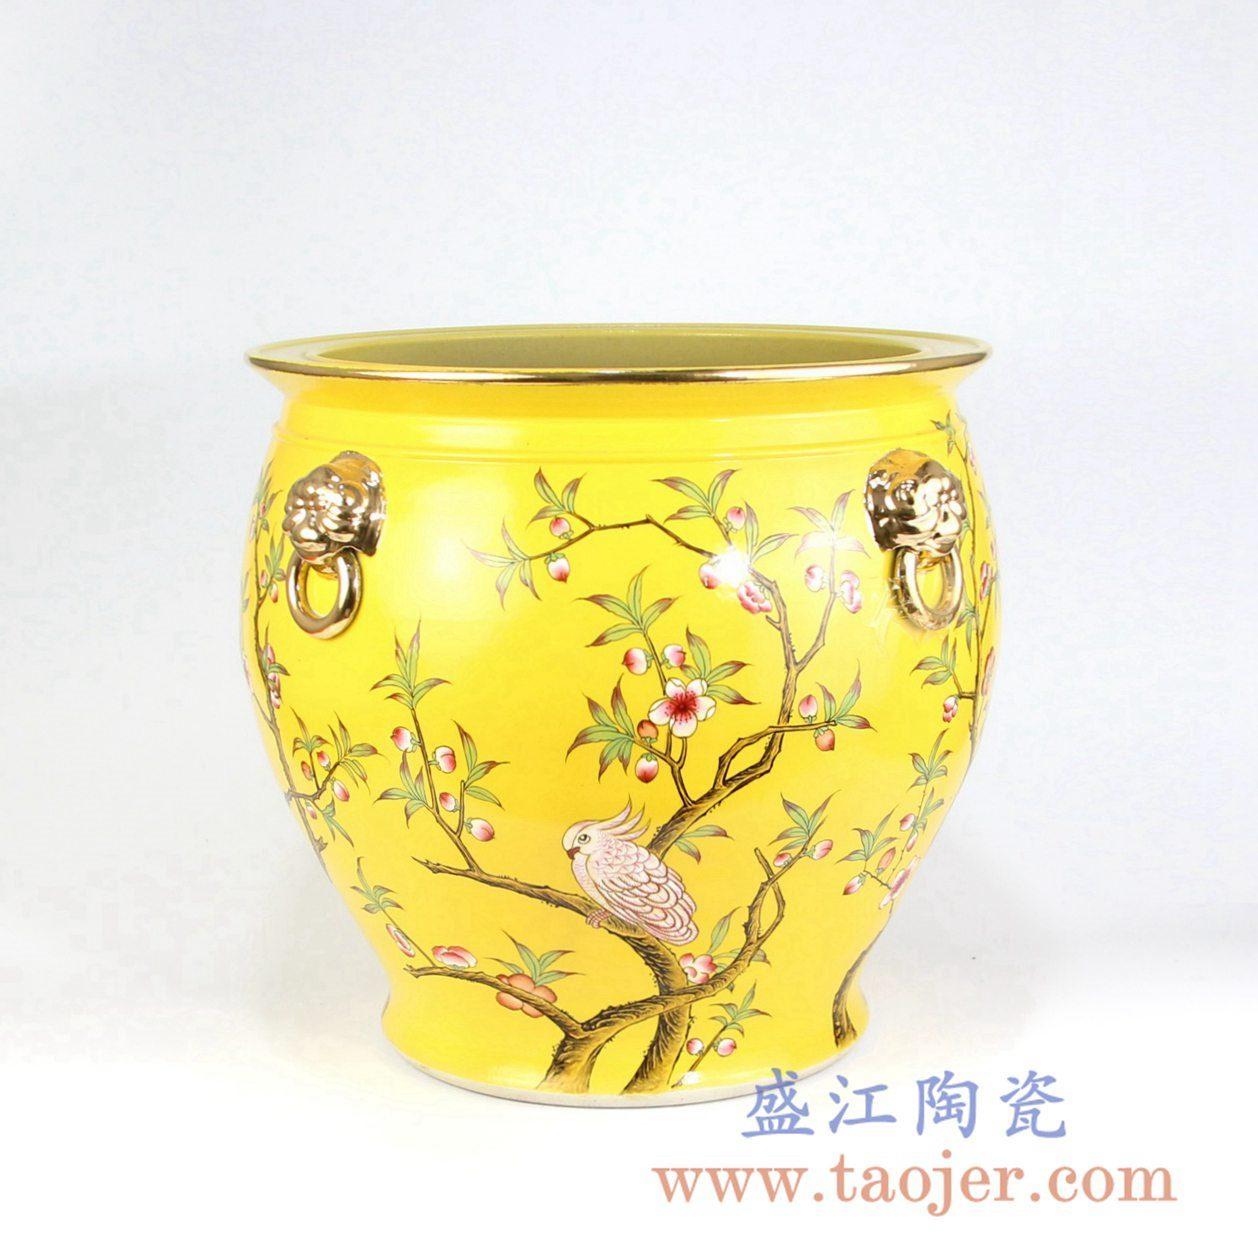 RZLS01-RZFH   手绘粉彩花鸟镀金狮扣描金口陶瓷缸小号